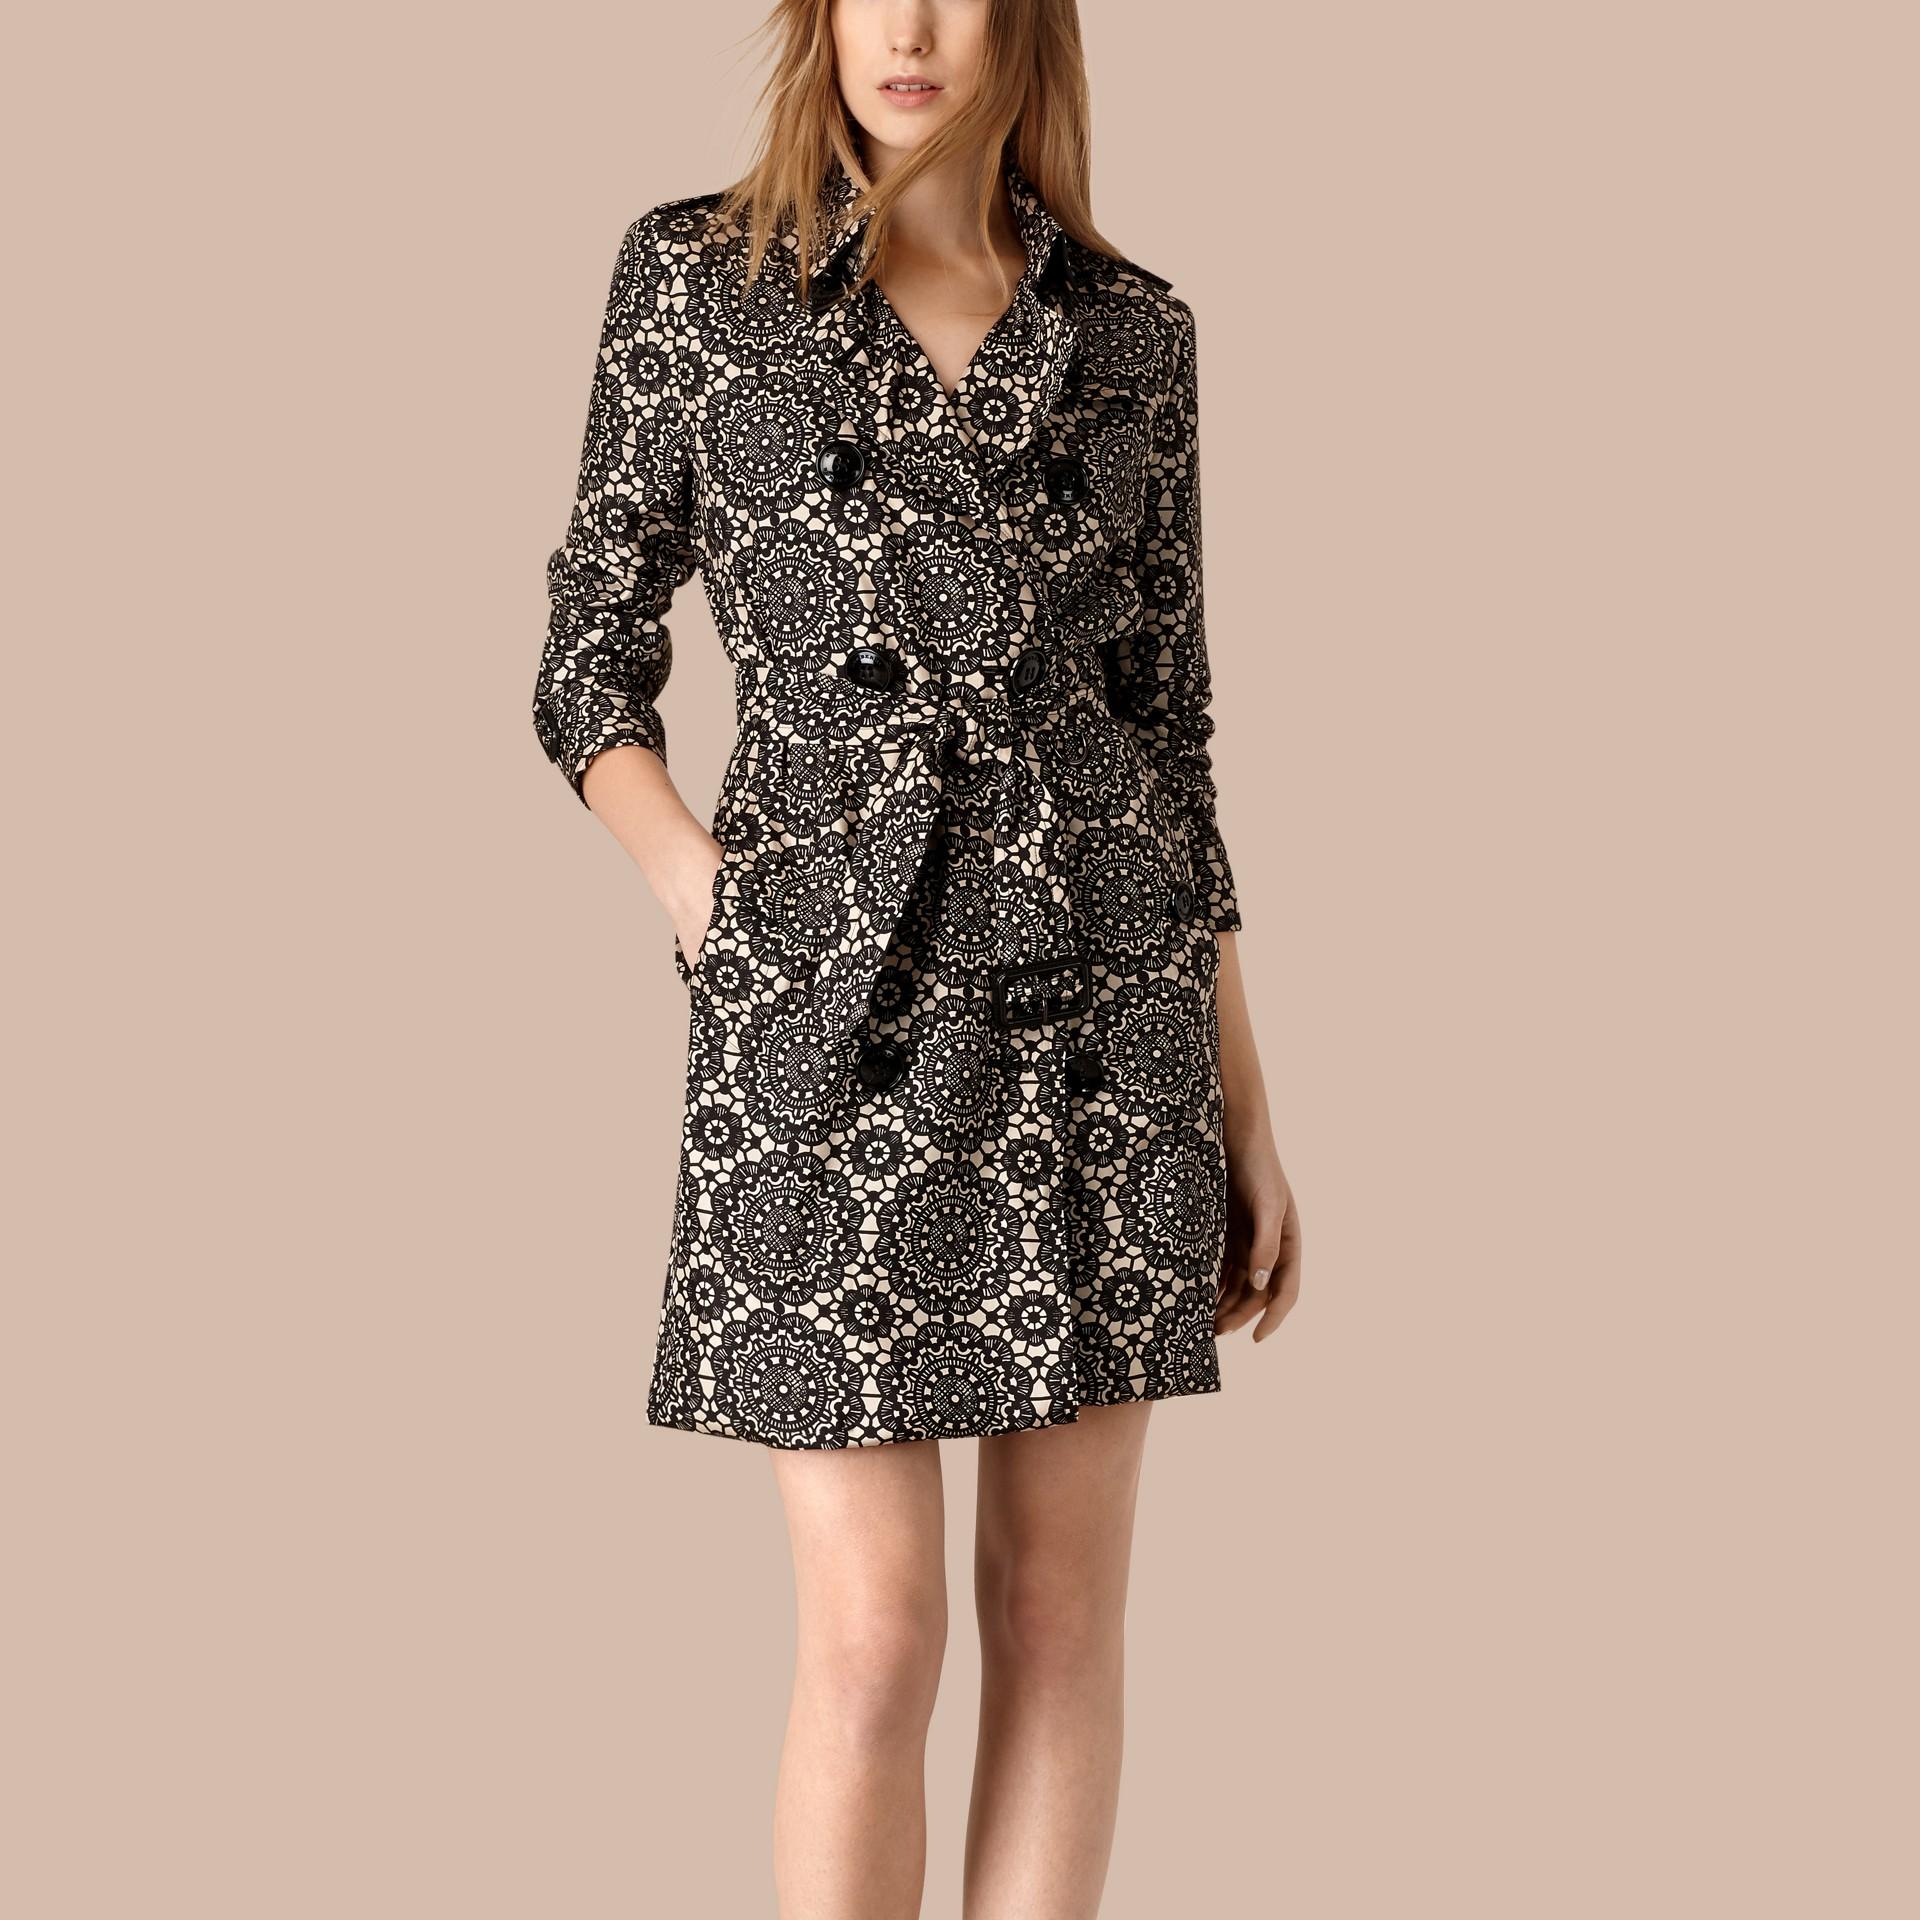 Areia/preto Trench coat de seda sem forro com estampa de renda - galeria de imagens 1